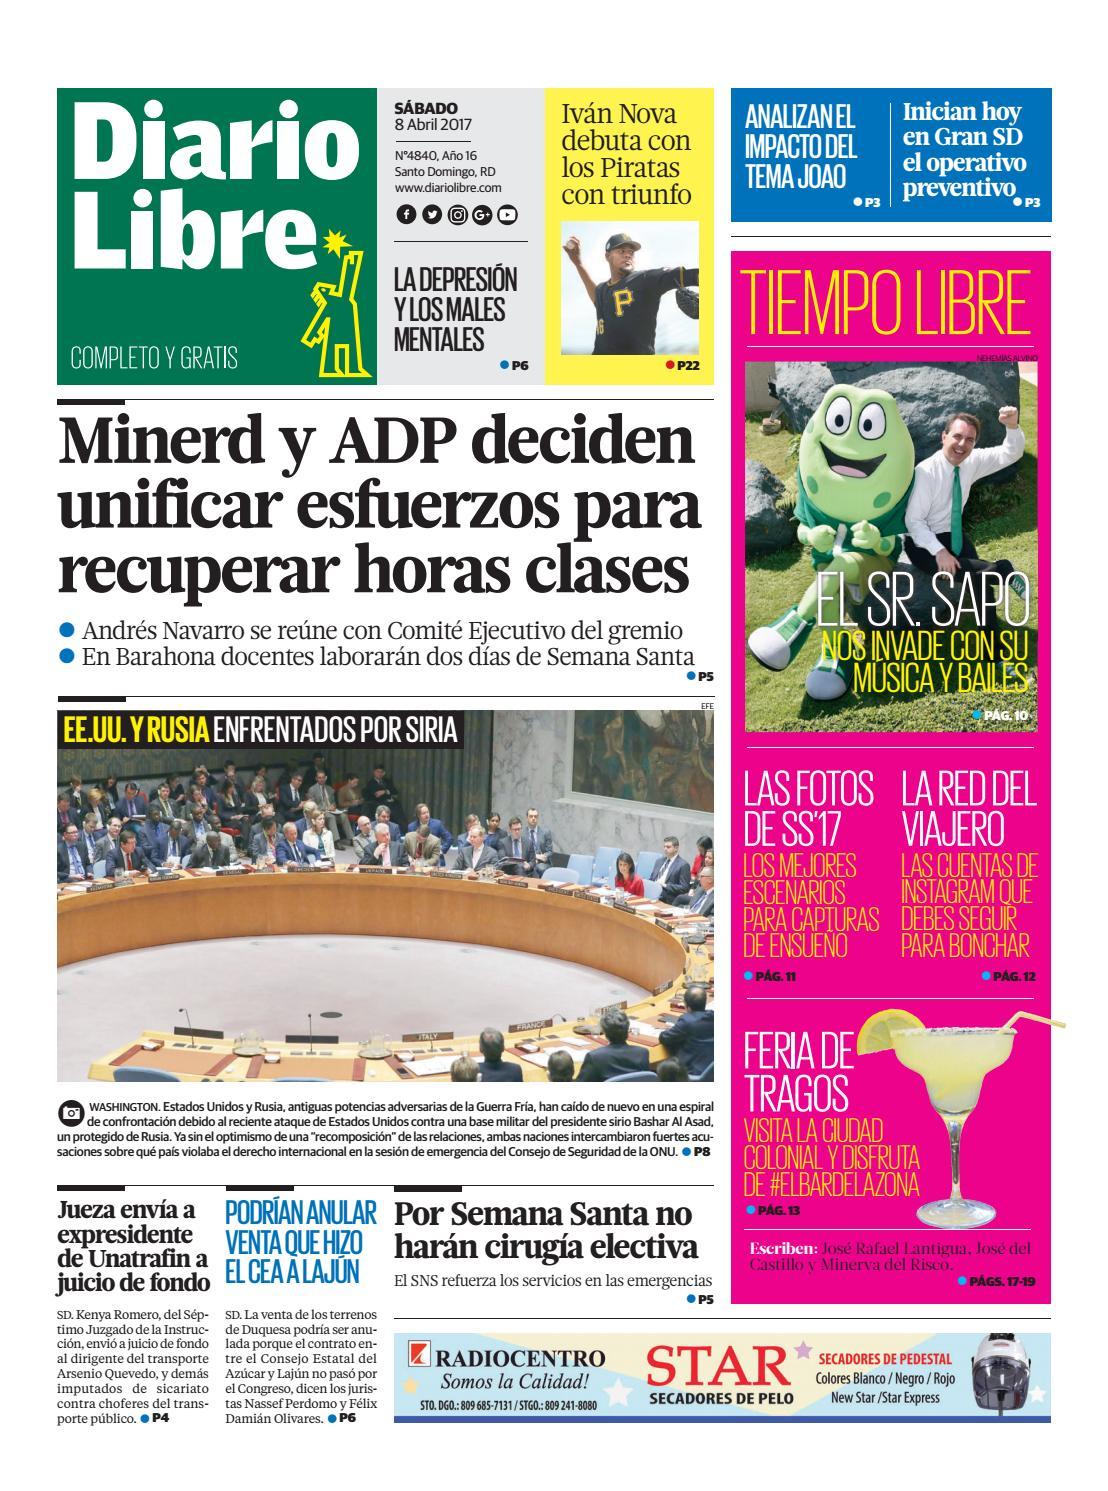 Diariolibre4840 by Grupo Diario Libre, S. A. - issuu